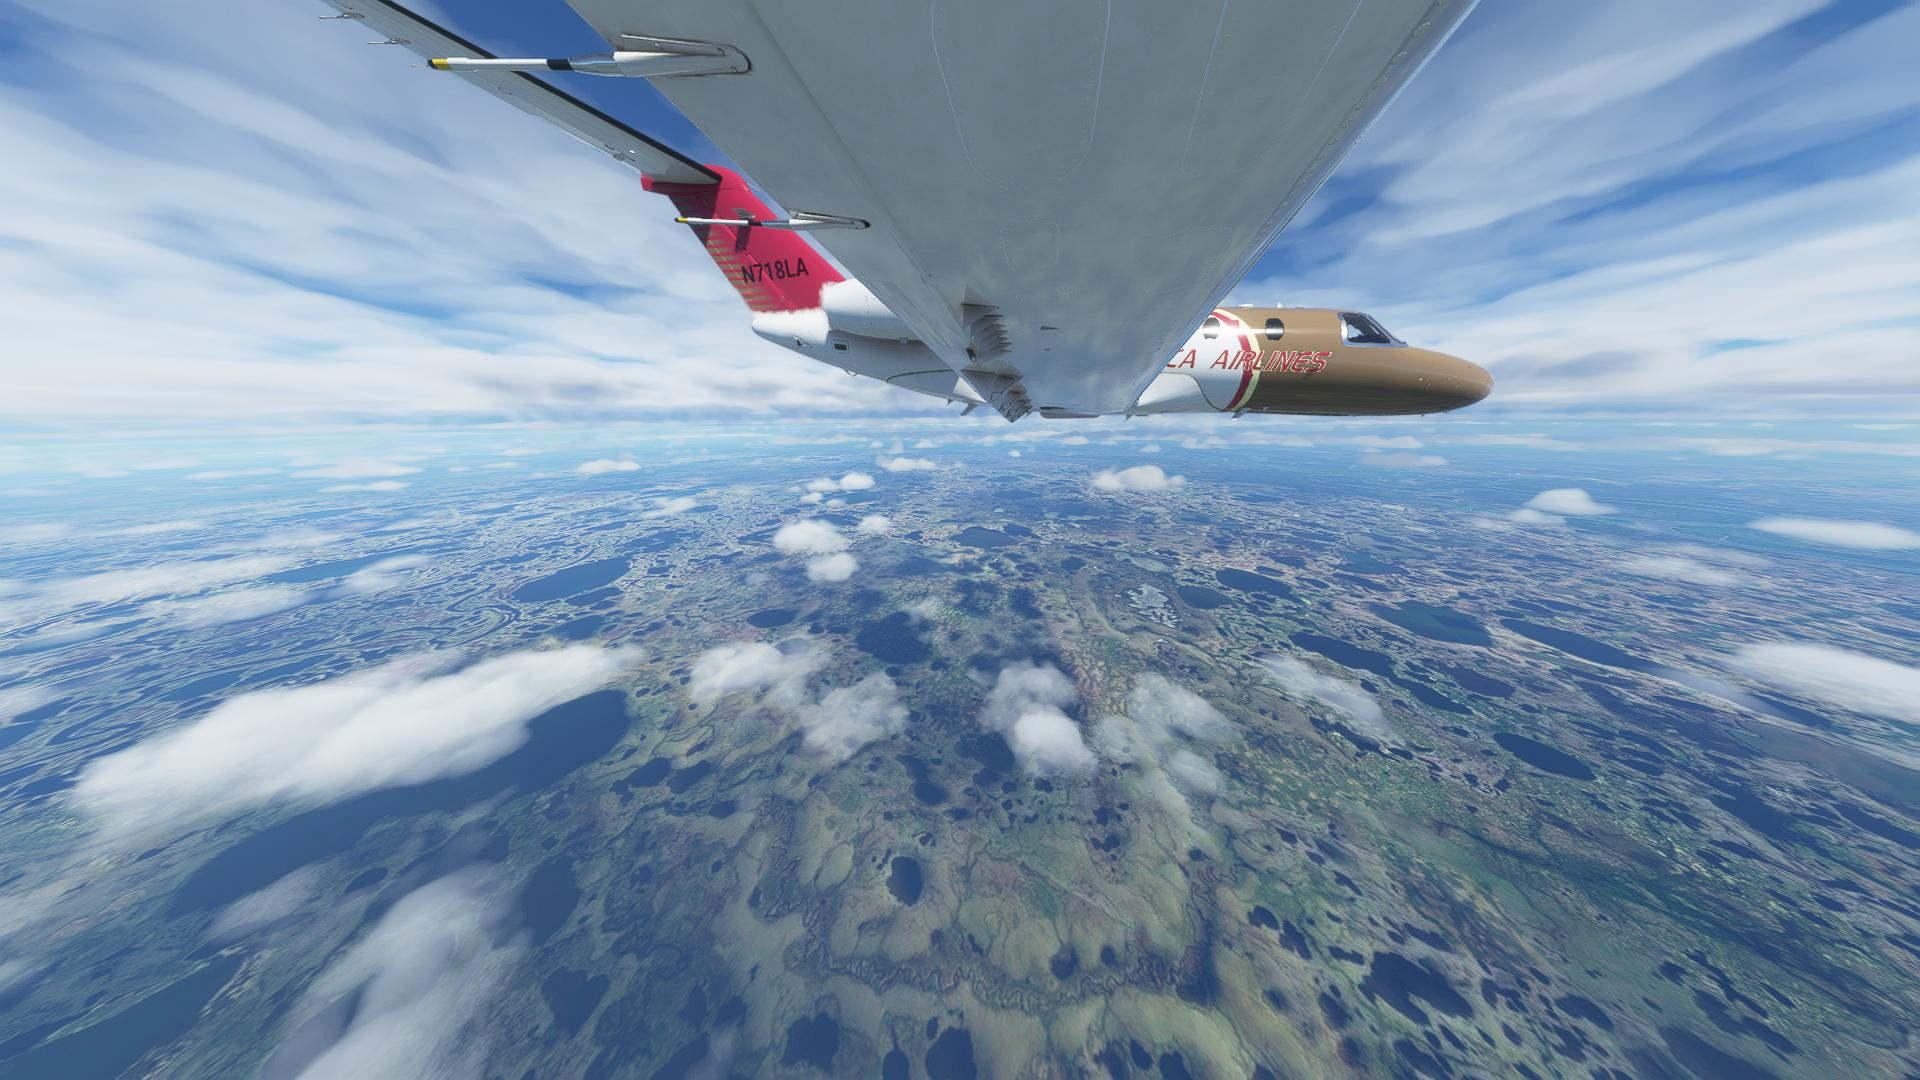 Cessna Cj4 Over Alaska